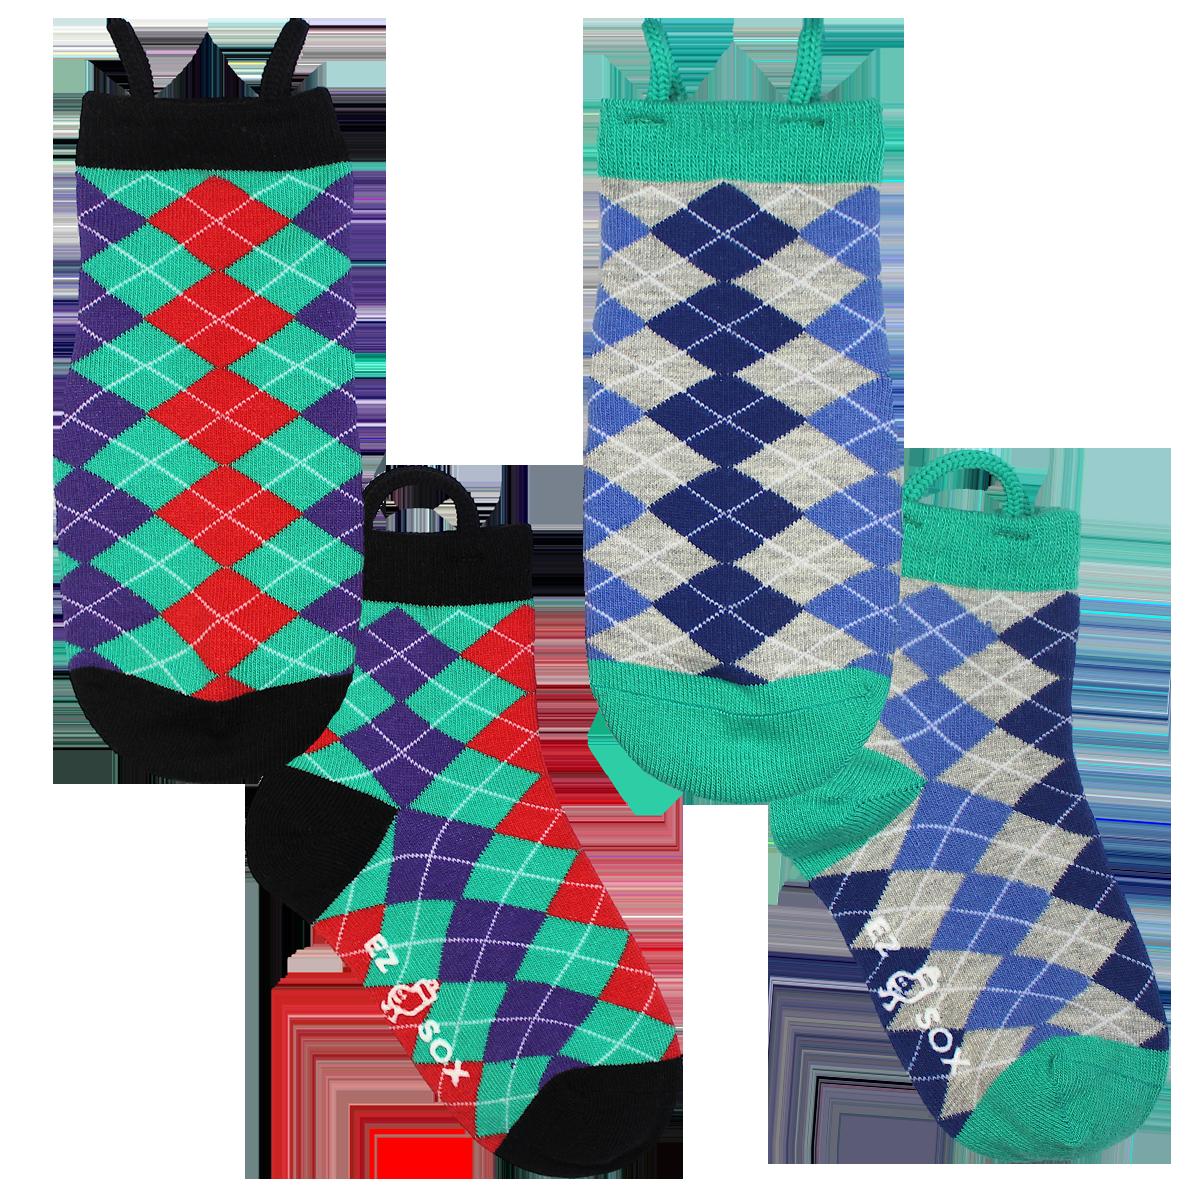 ee6f7a9d2 Argyle Kids Socks Seamless Socks